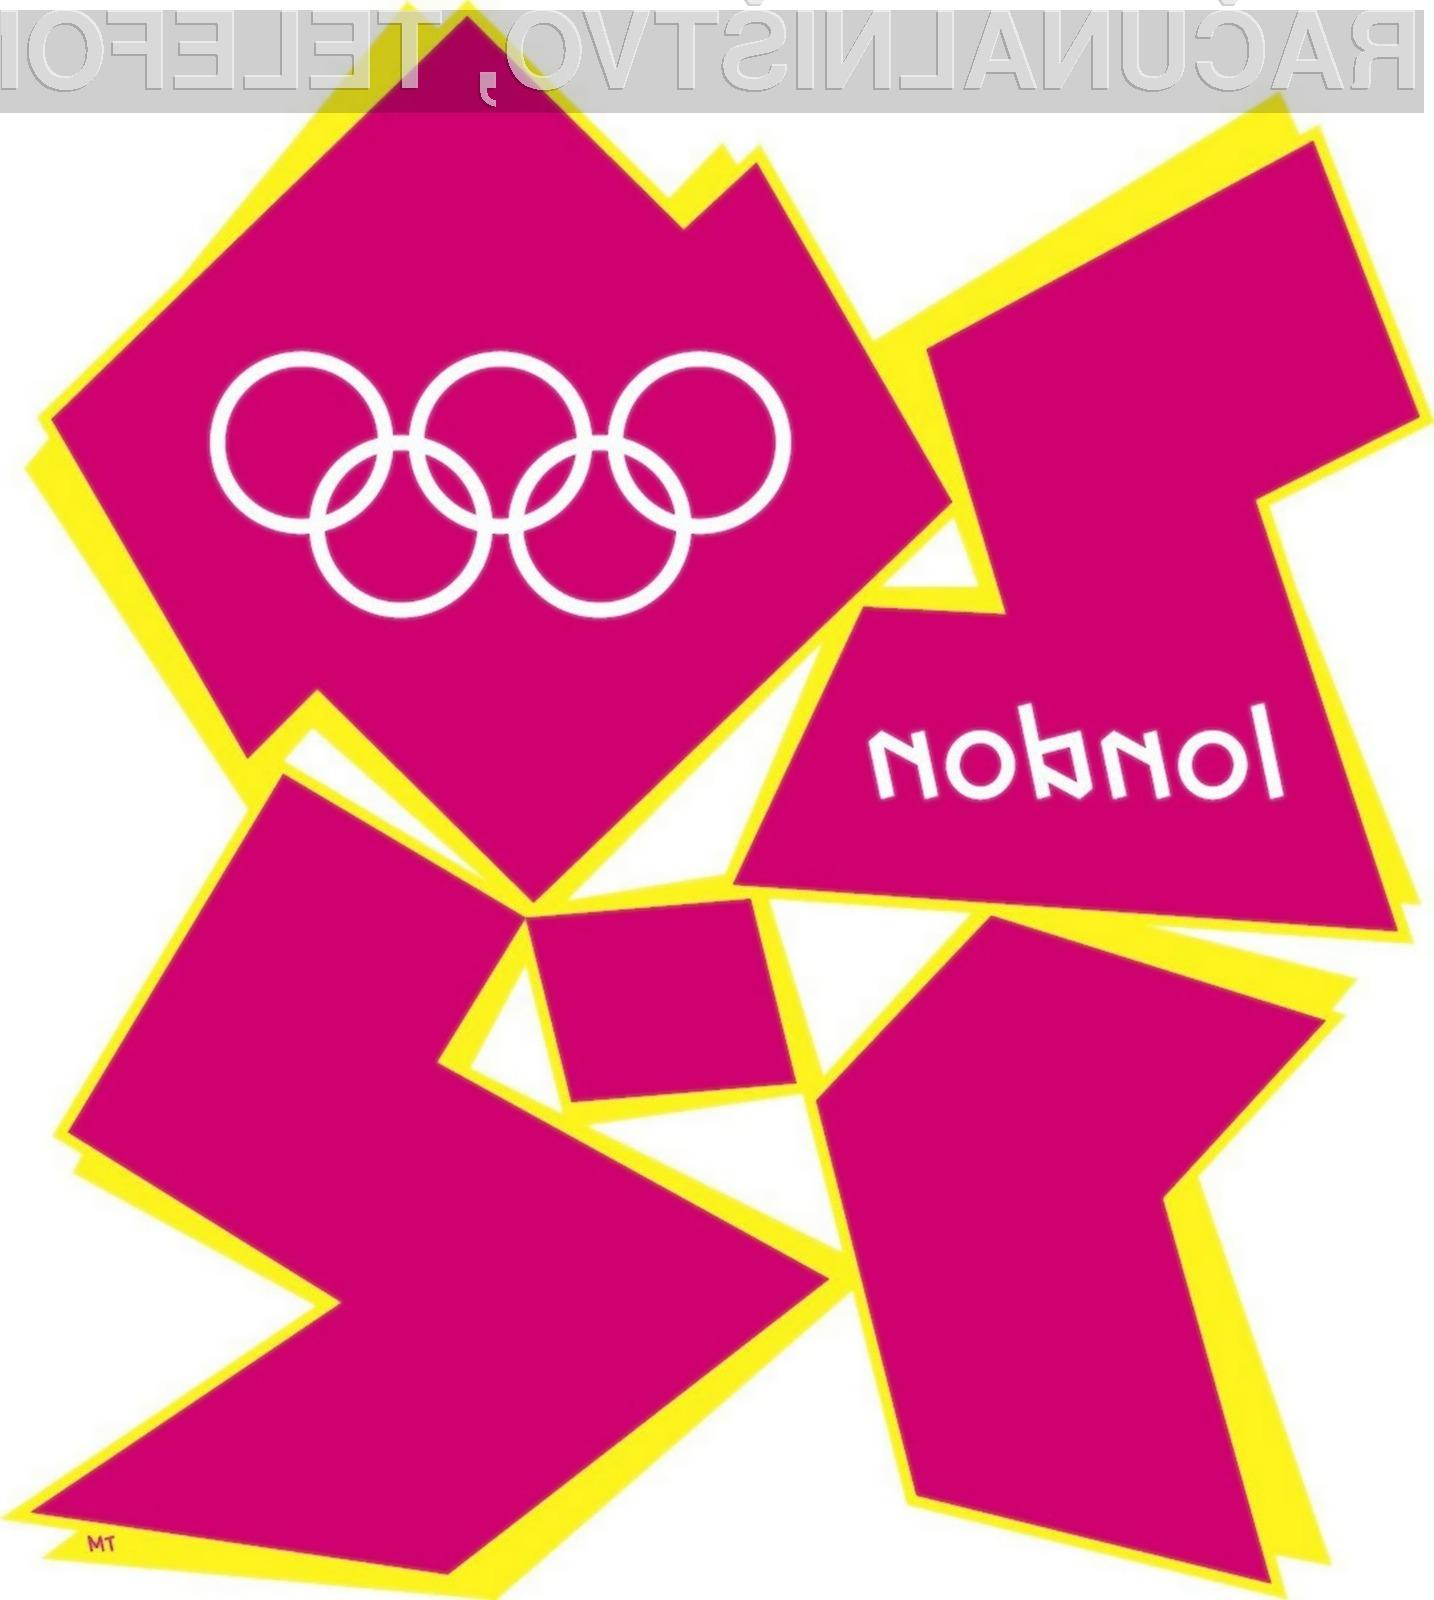 Olimpijske igre v londonu tudi iz tehnološke plati prinašajo številne presežke.